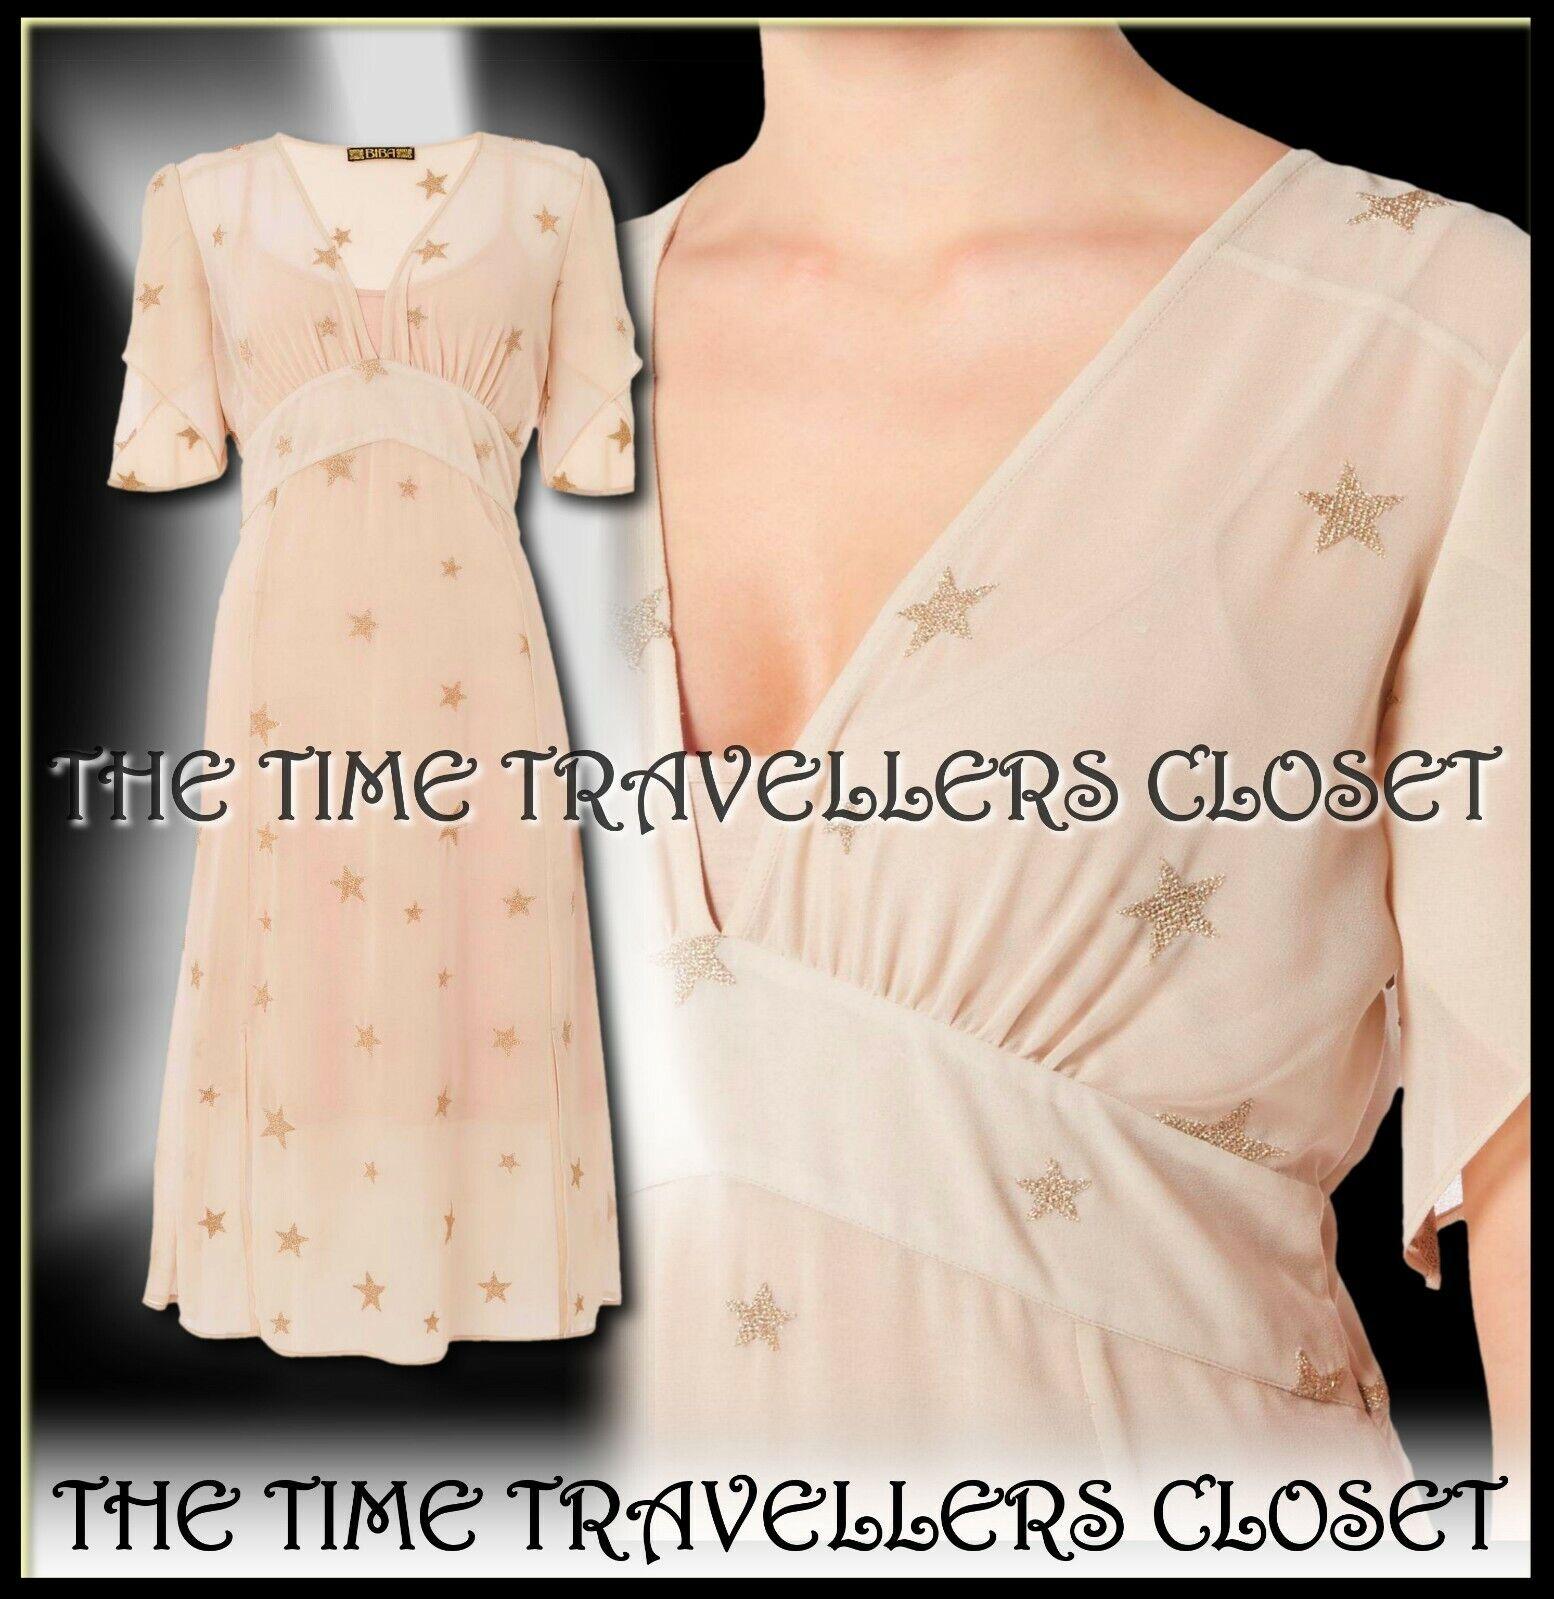 BNWT Biba Oyster Beige Sheer Chiffon Gold Embroiderot Star Calf Dress 40s UK 16